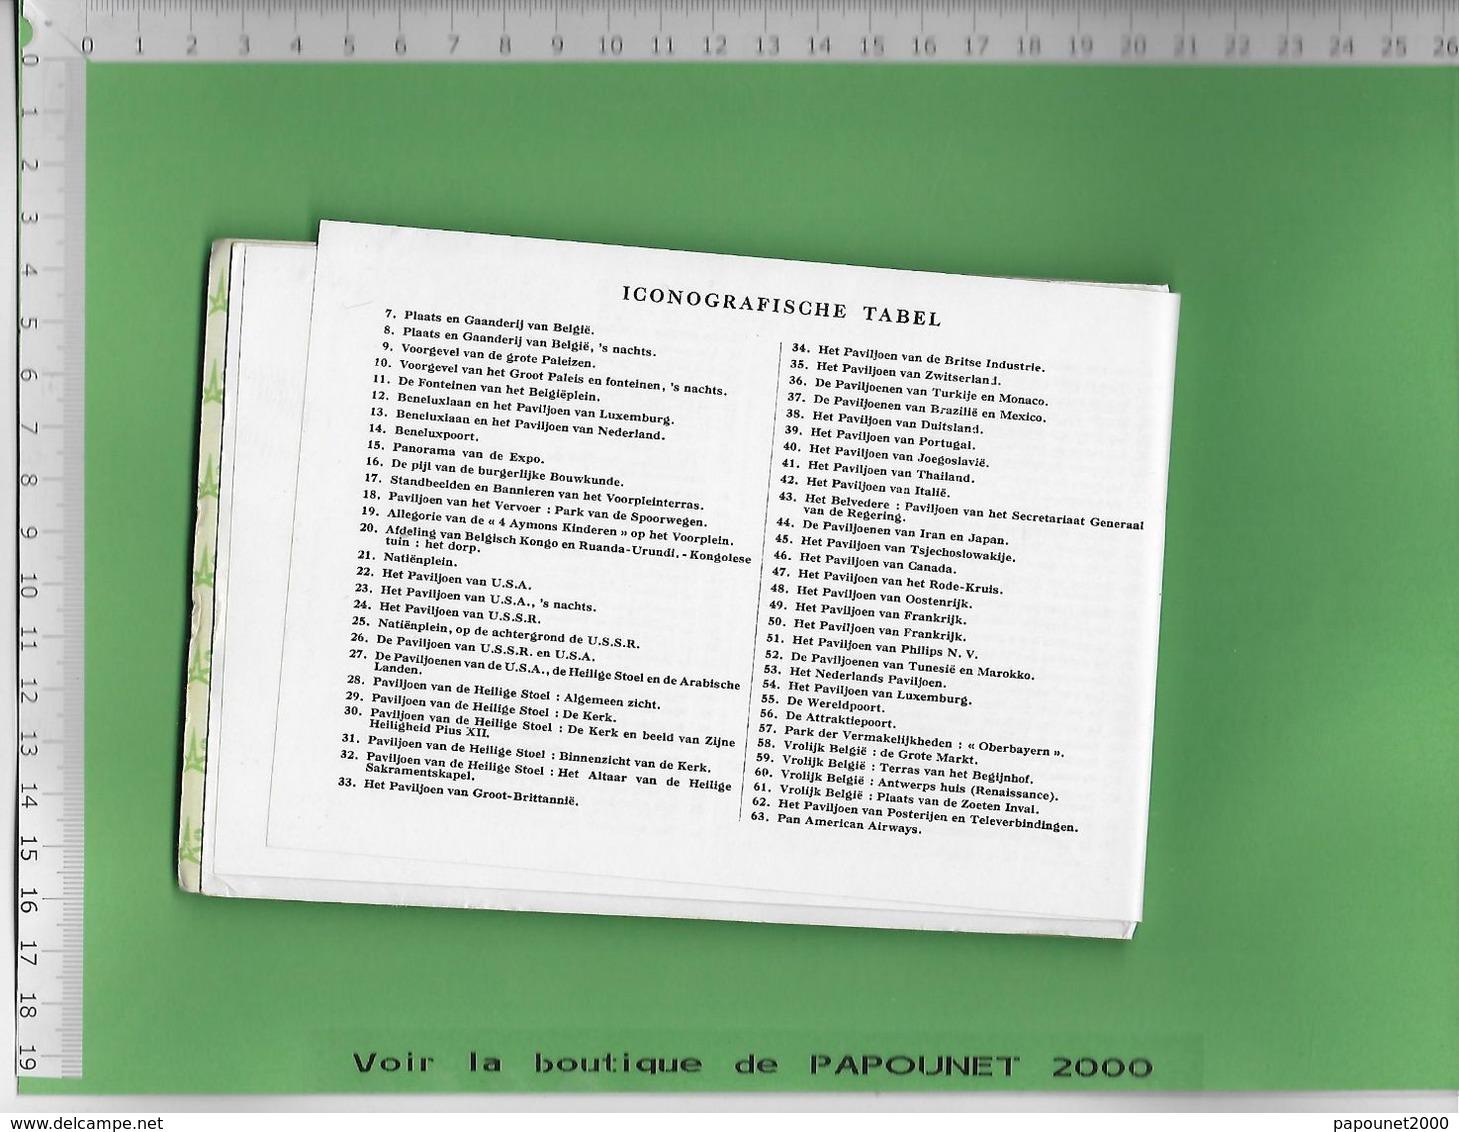 000613-07551-a.c.-a.c.-o.s.-EXPO 58 - Diapositives